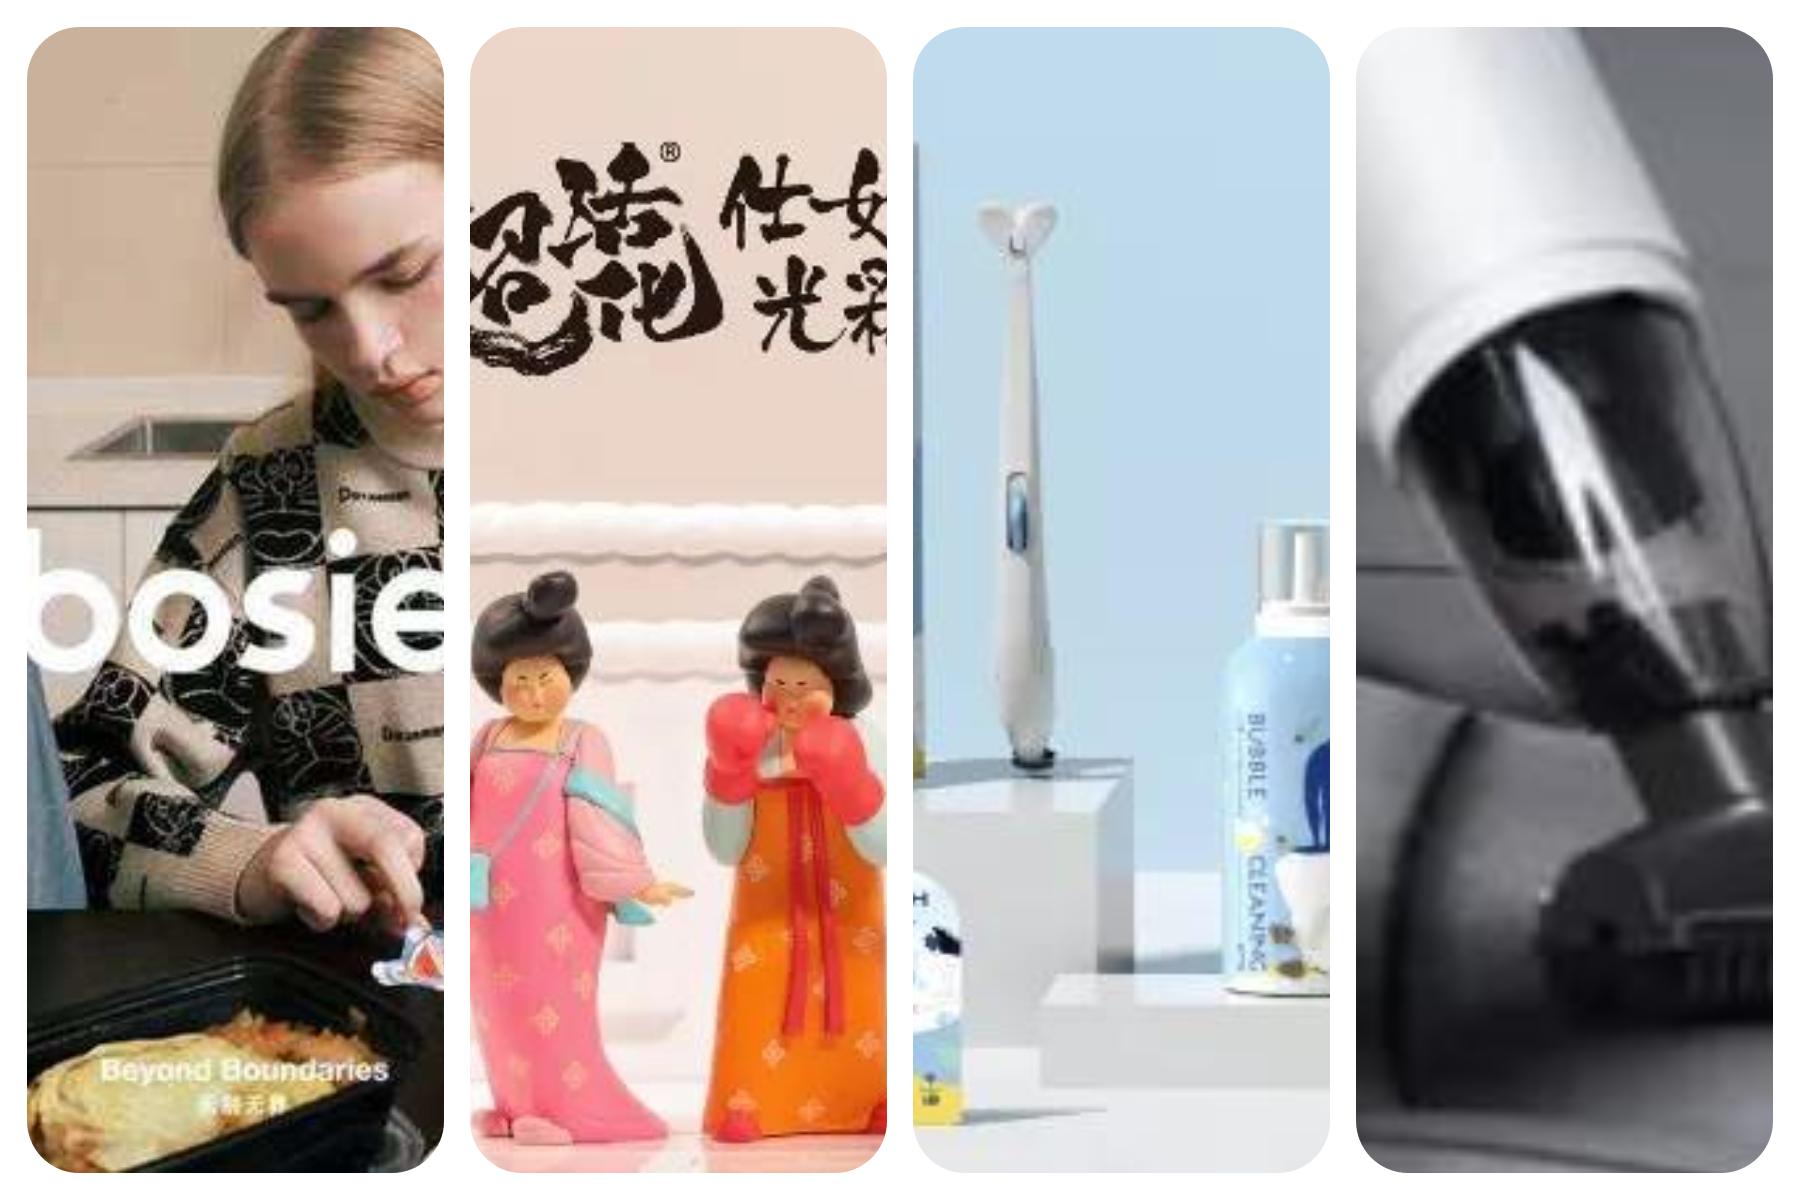 【华丽中国投资周报】2021年第33期:5家中国时尚消费企业完成新一轮融资